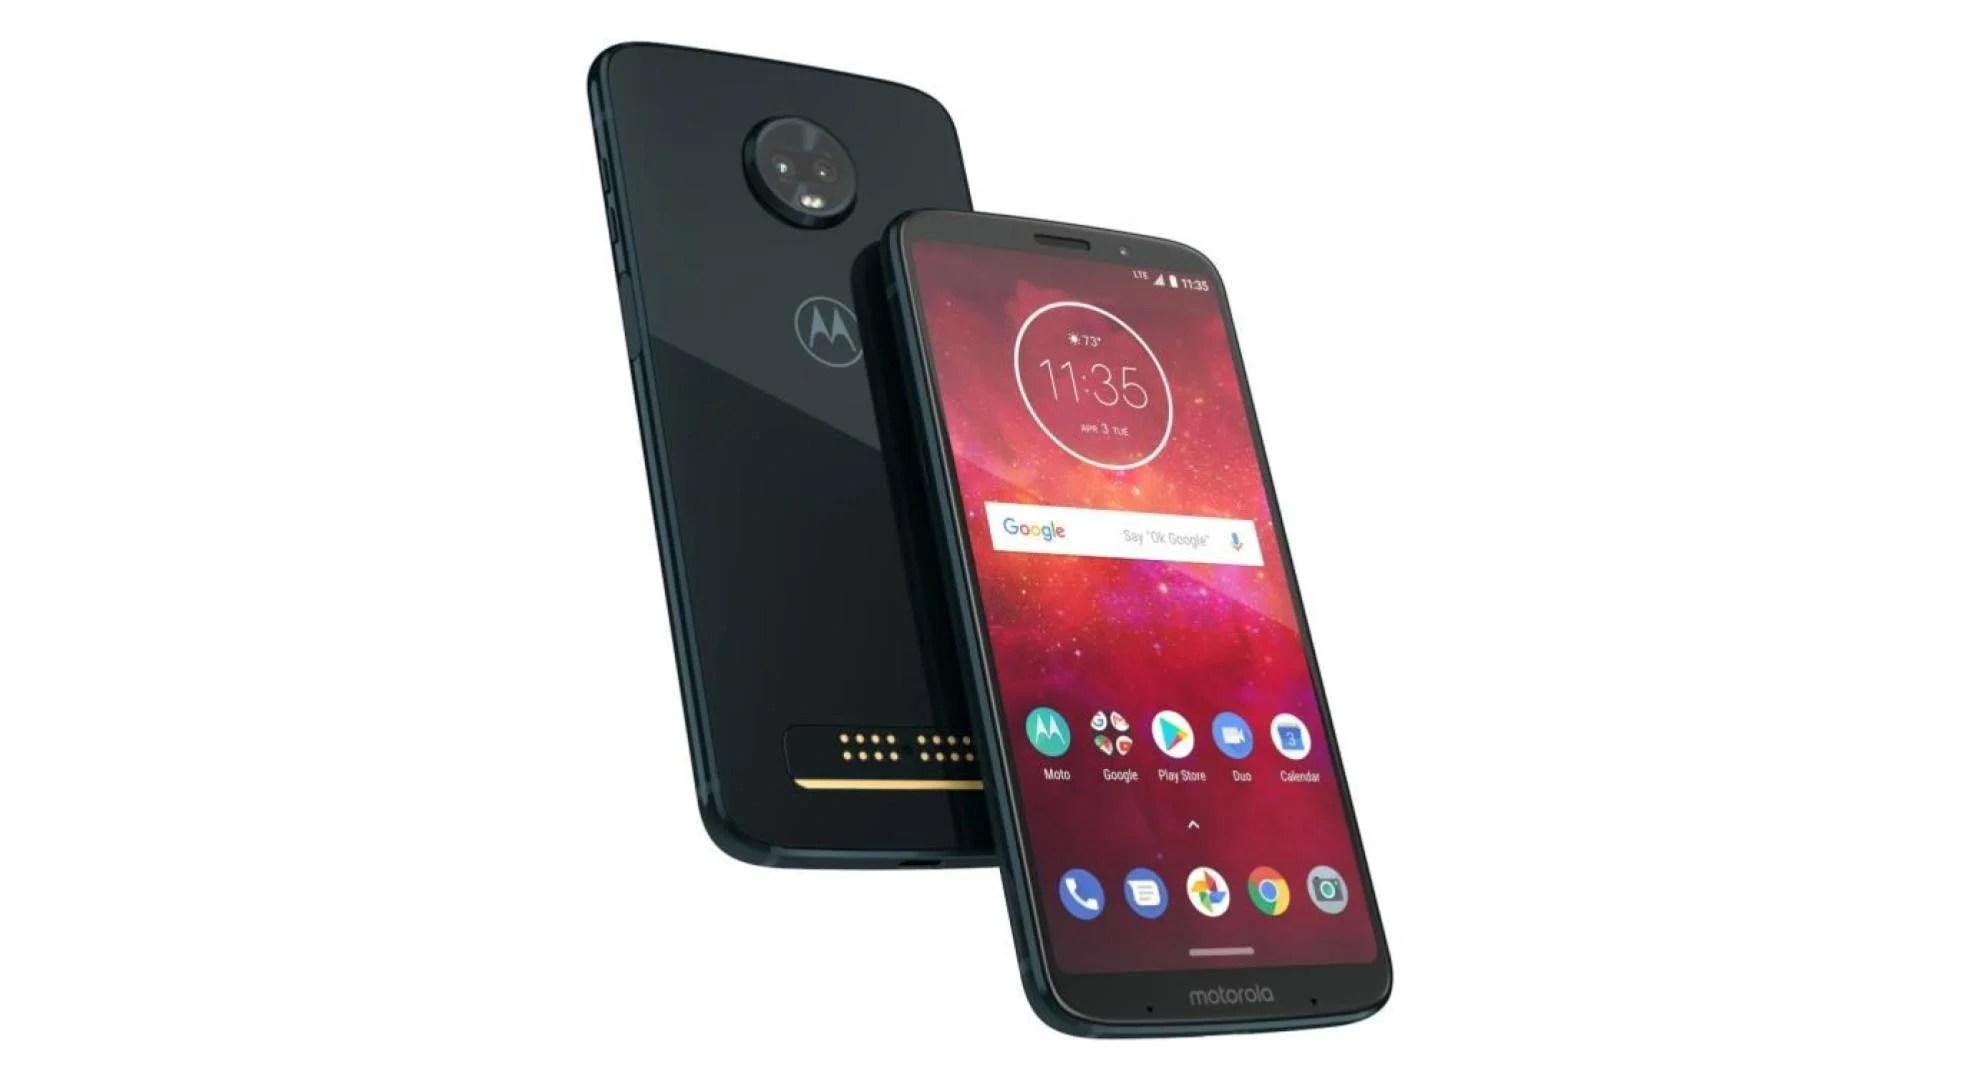 🔥 Bon plan : le Motorola Moto Z3 Play (+ Moto Mods batterie) est à 299 euros sur Cdiscount